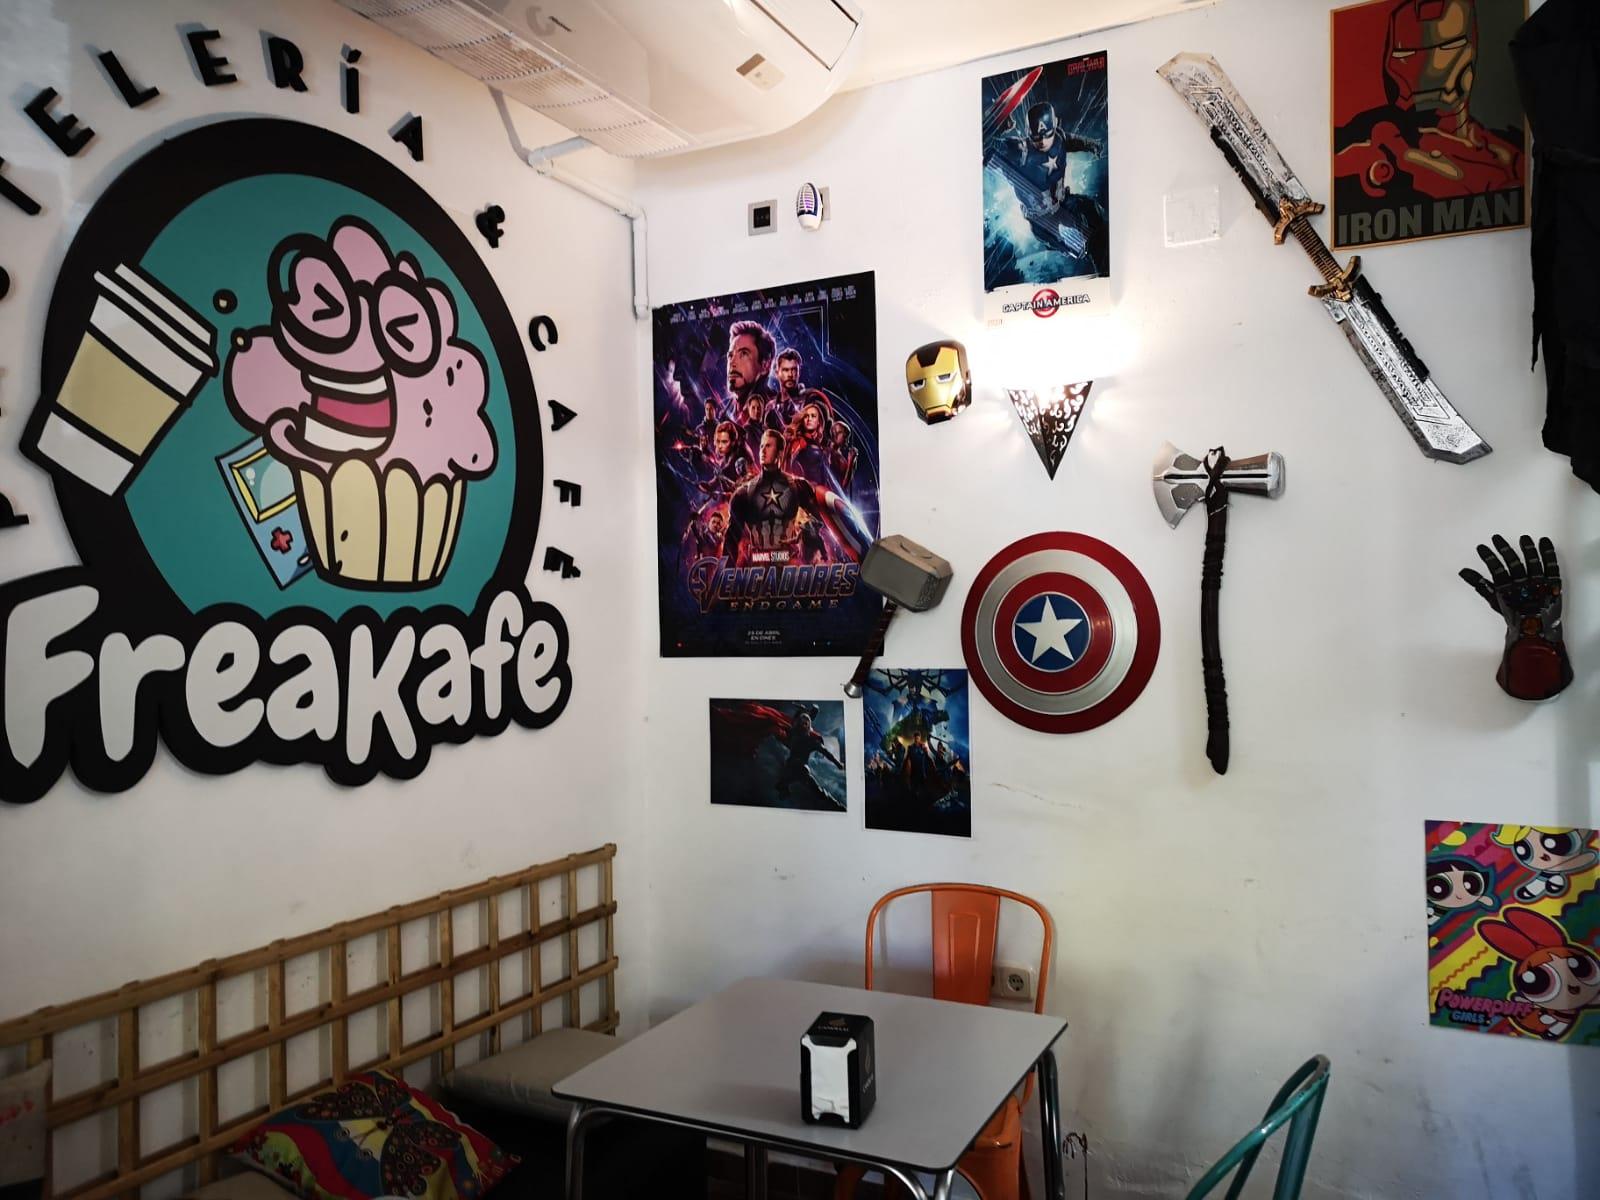 Entrevista y reportaje a Freakafe con motivo de su segundo aniversario